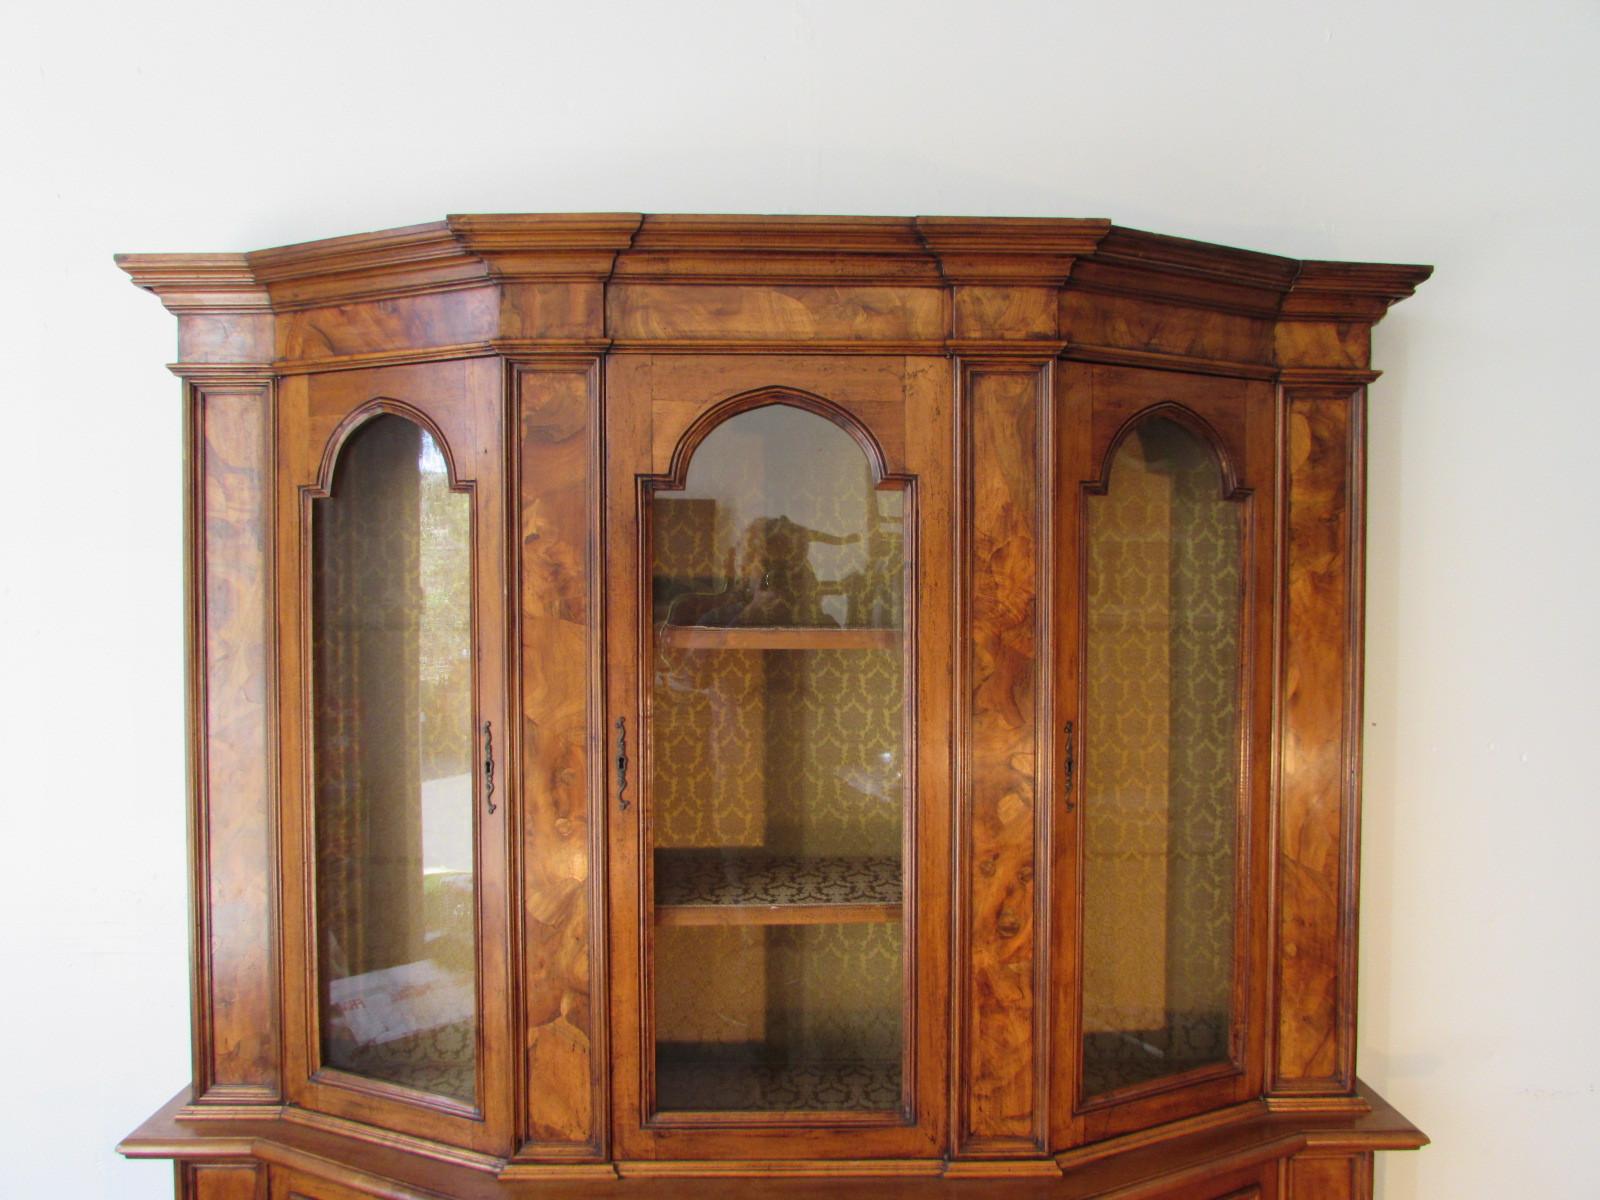 Venetian Showcase Sideboard Credenza Bellini S Antique Italia